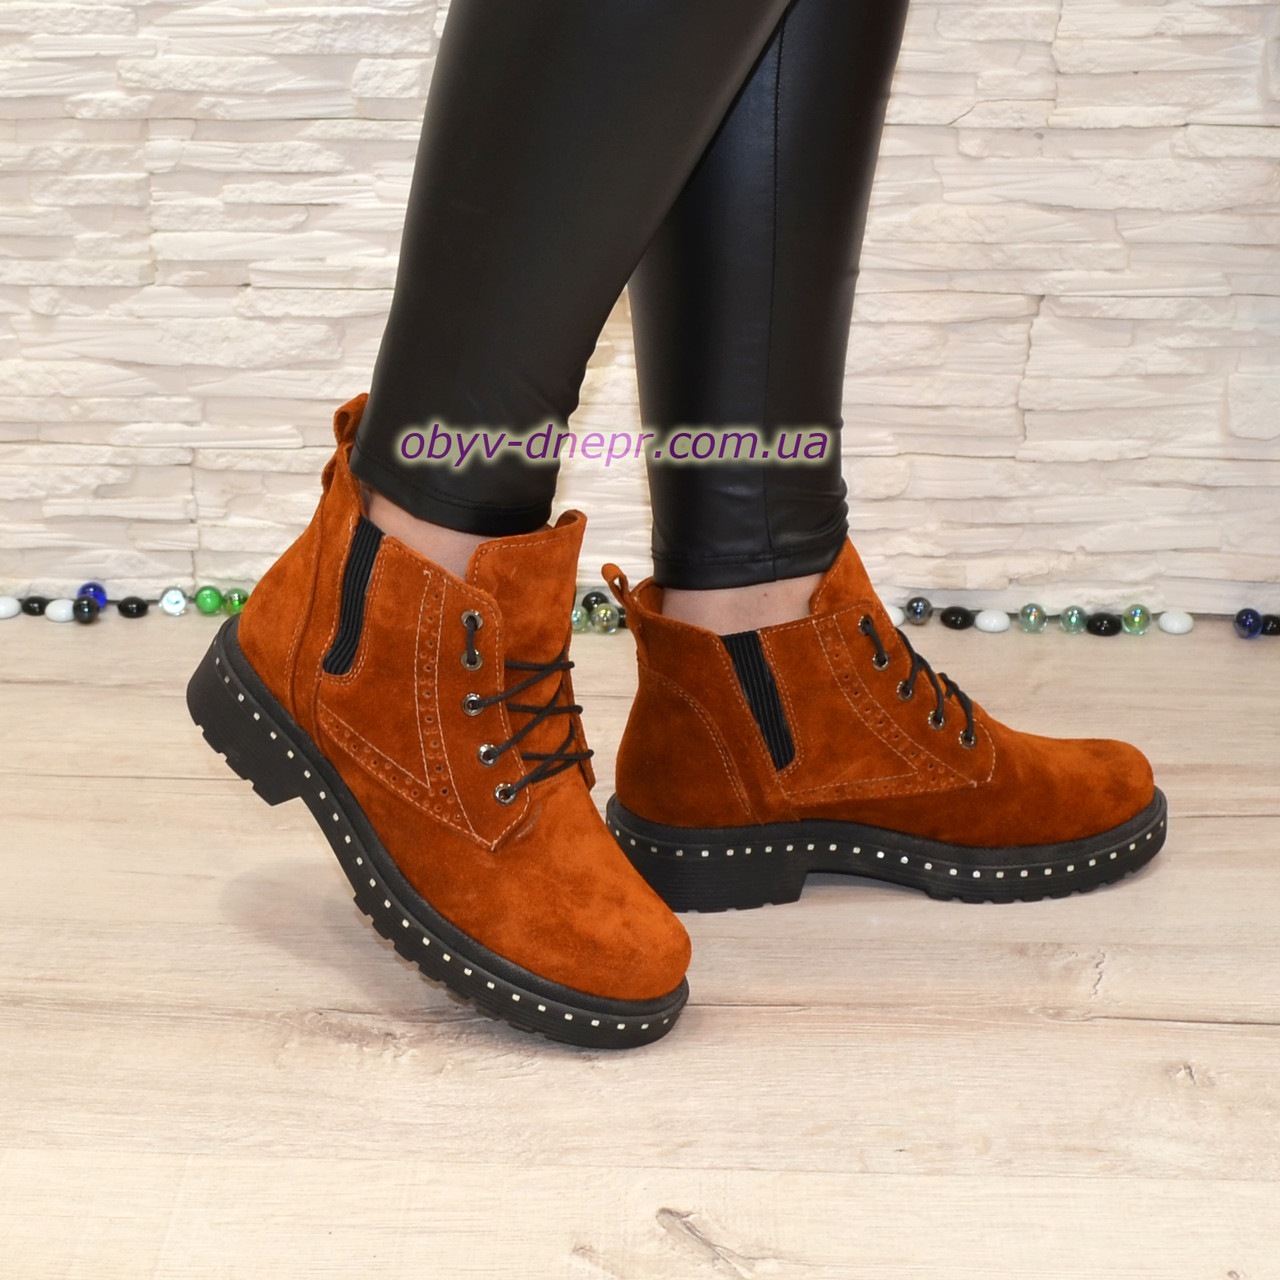 Ботинки женские зимние на маленьком каблуке, на шнурках Цвет рыжий